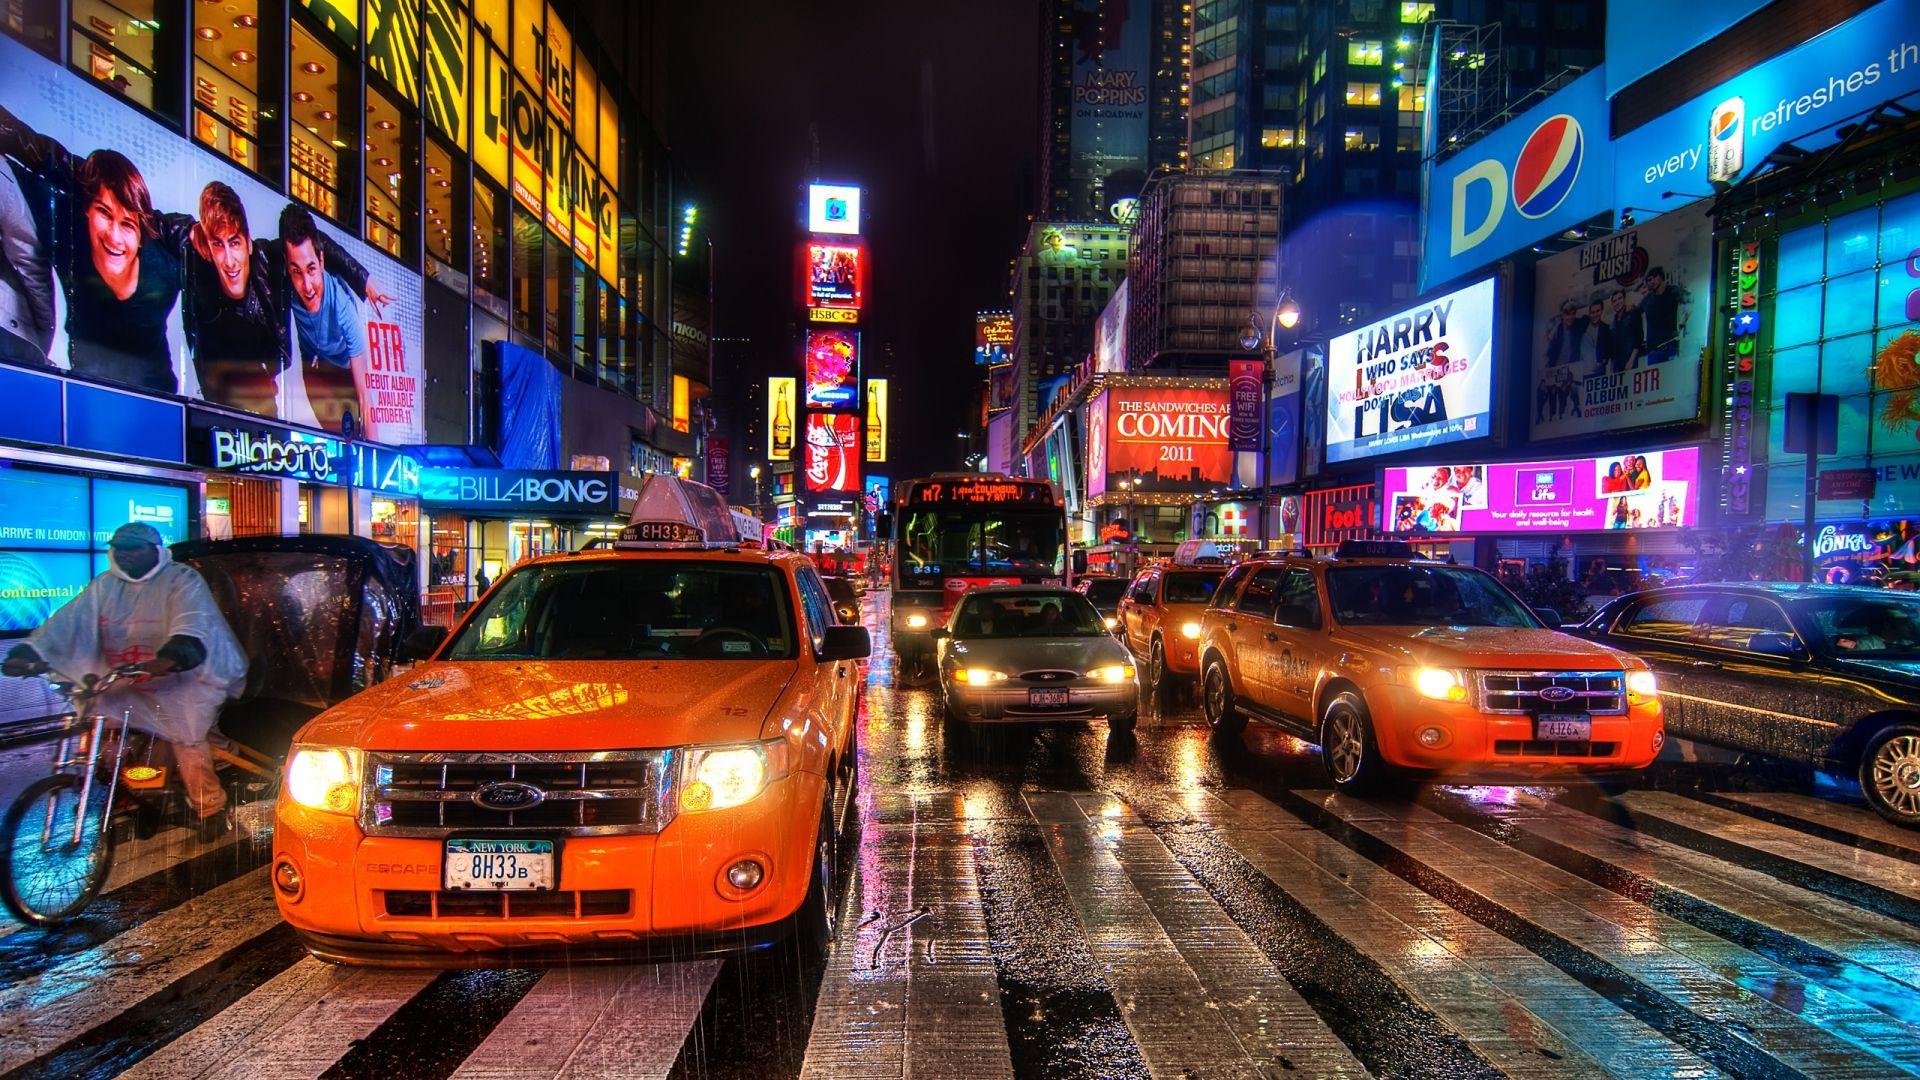 Brooklyn Bridge USA HD desktop wallpaper Widescreen High